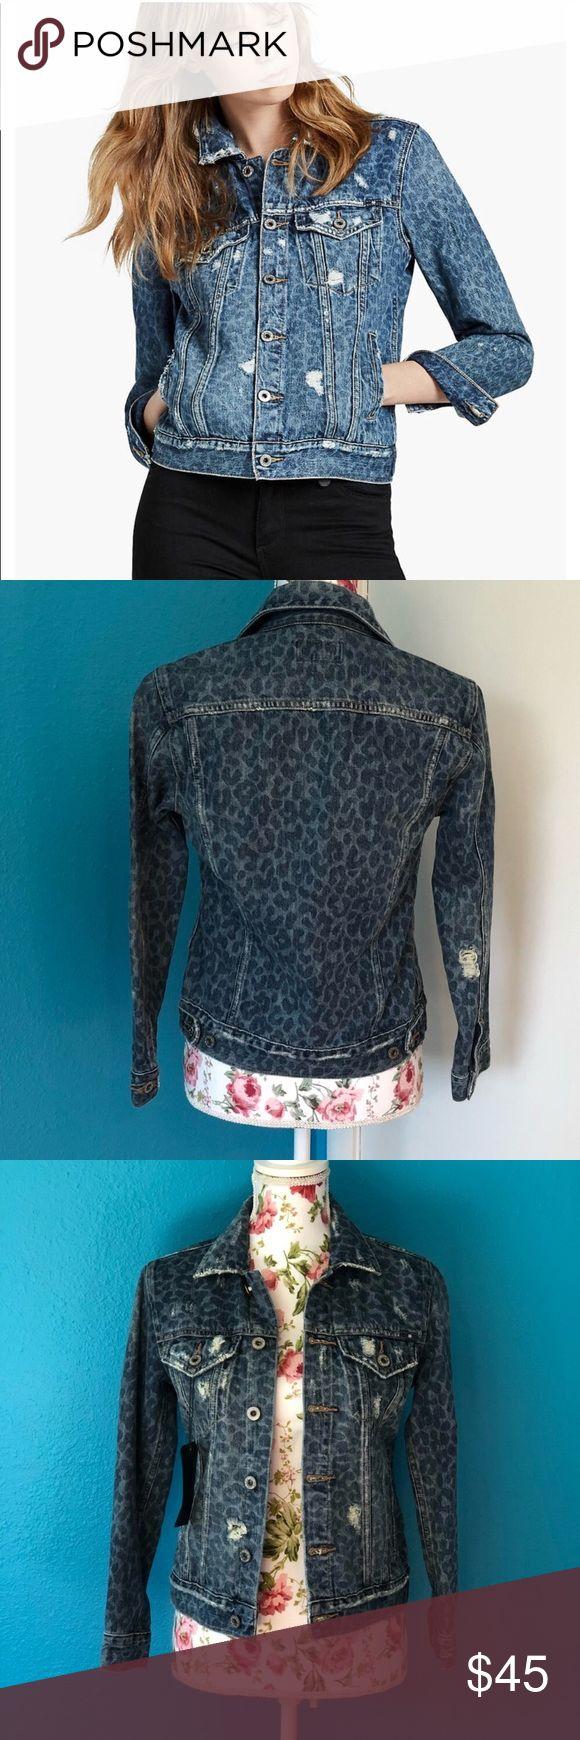 4527 besten My Posh Picks Bilder auf Pinterest | Blaue jeans ...